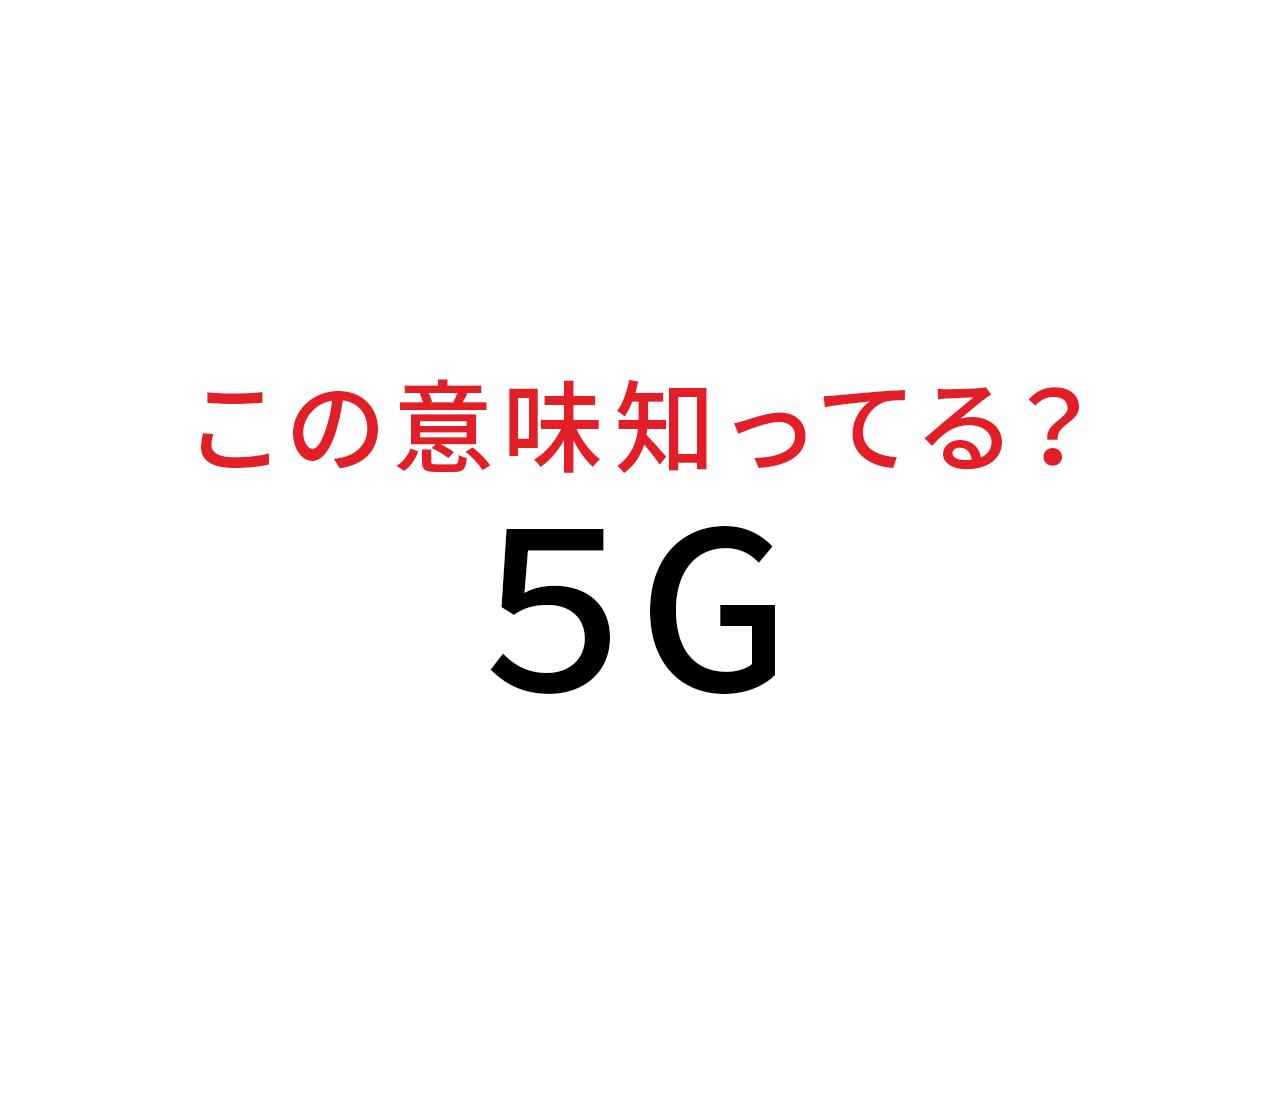 【3秒時事問題クイズ#3】「5G」ってなんのこと?